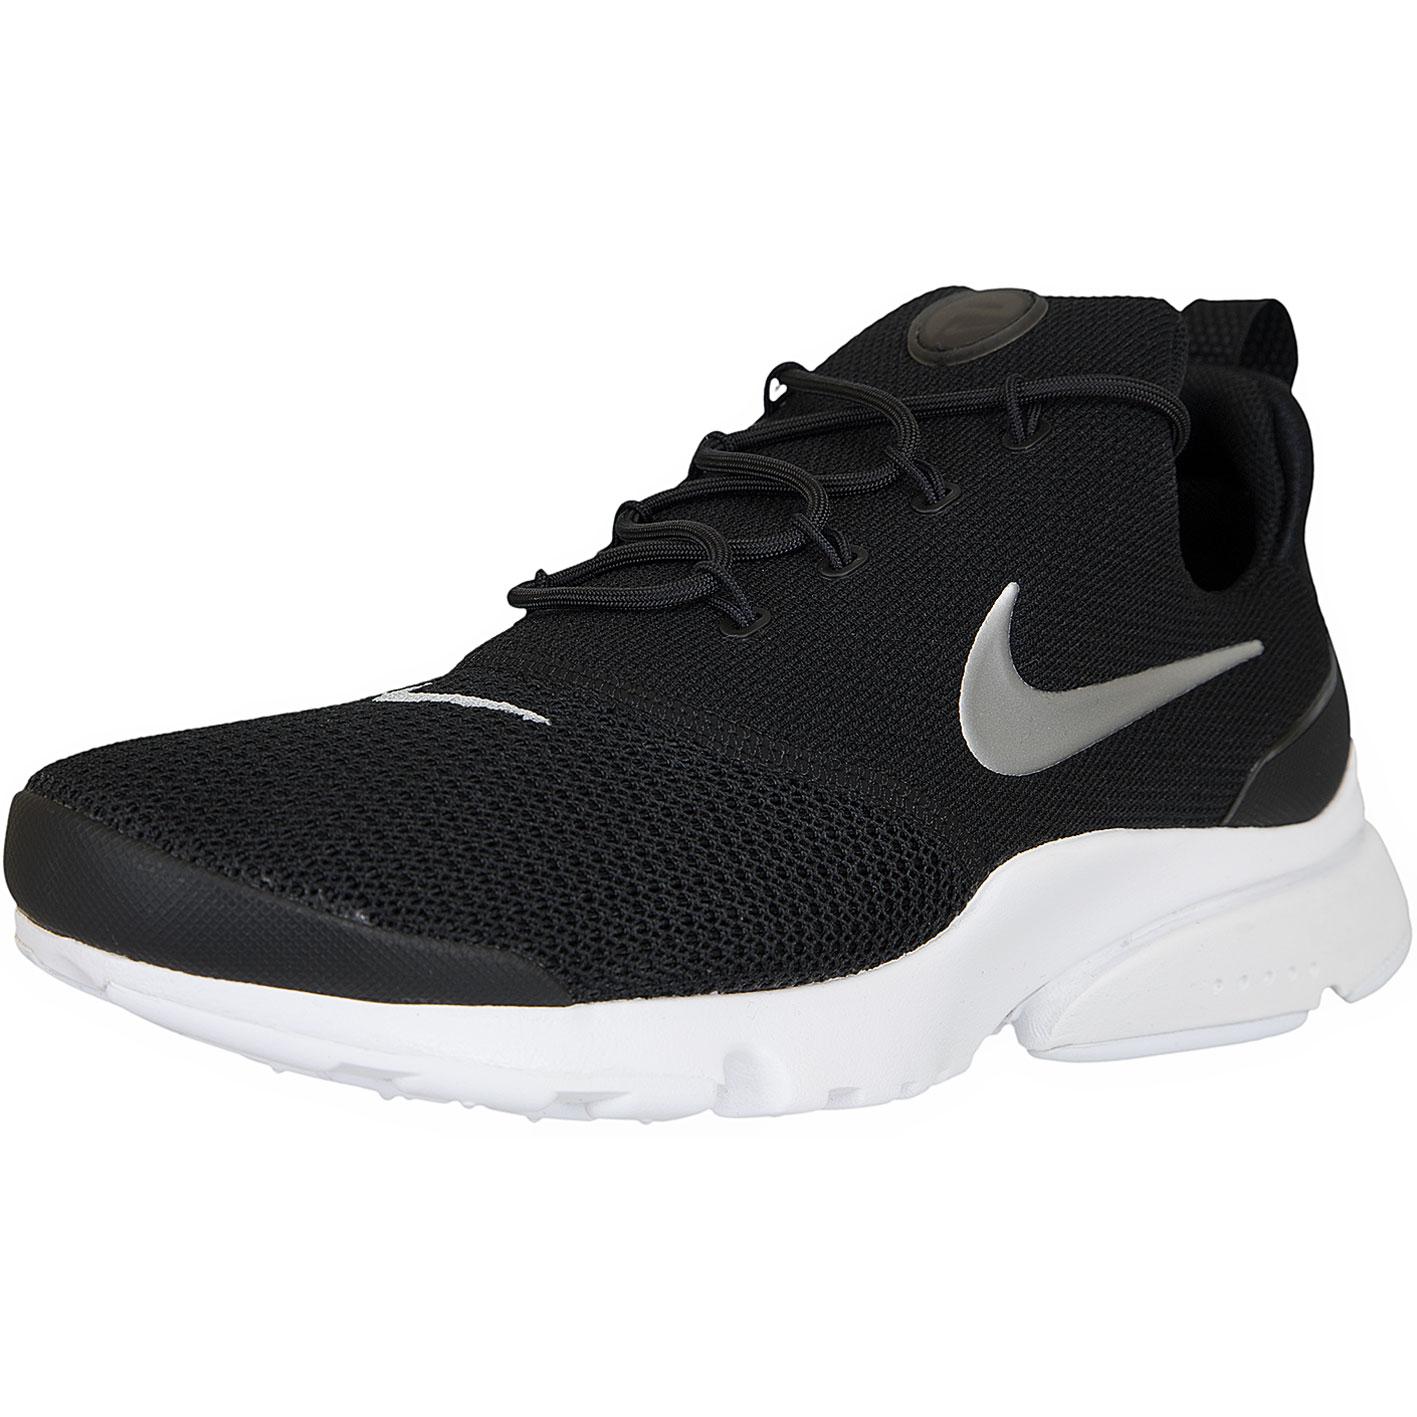 8bd053f90a50 ☆ Nike Damen Sneaker Presto Fly schwarz silber - hier bestellen!